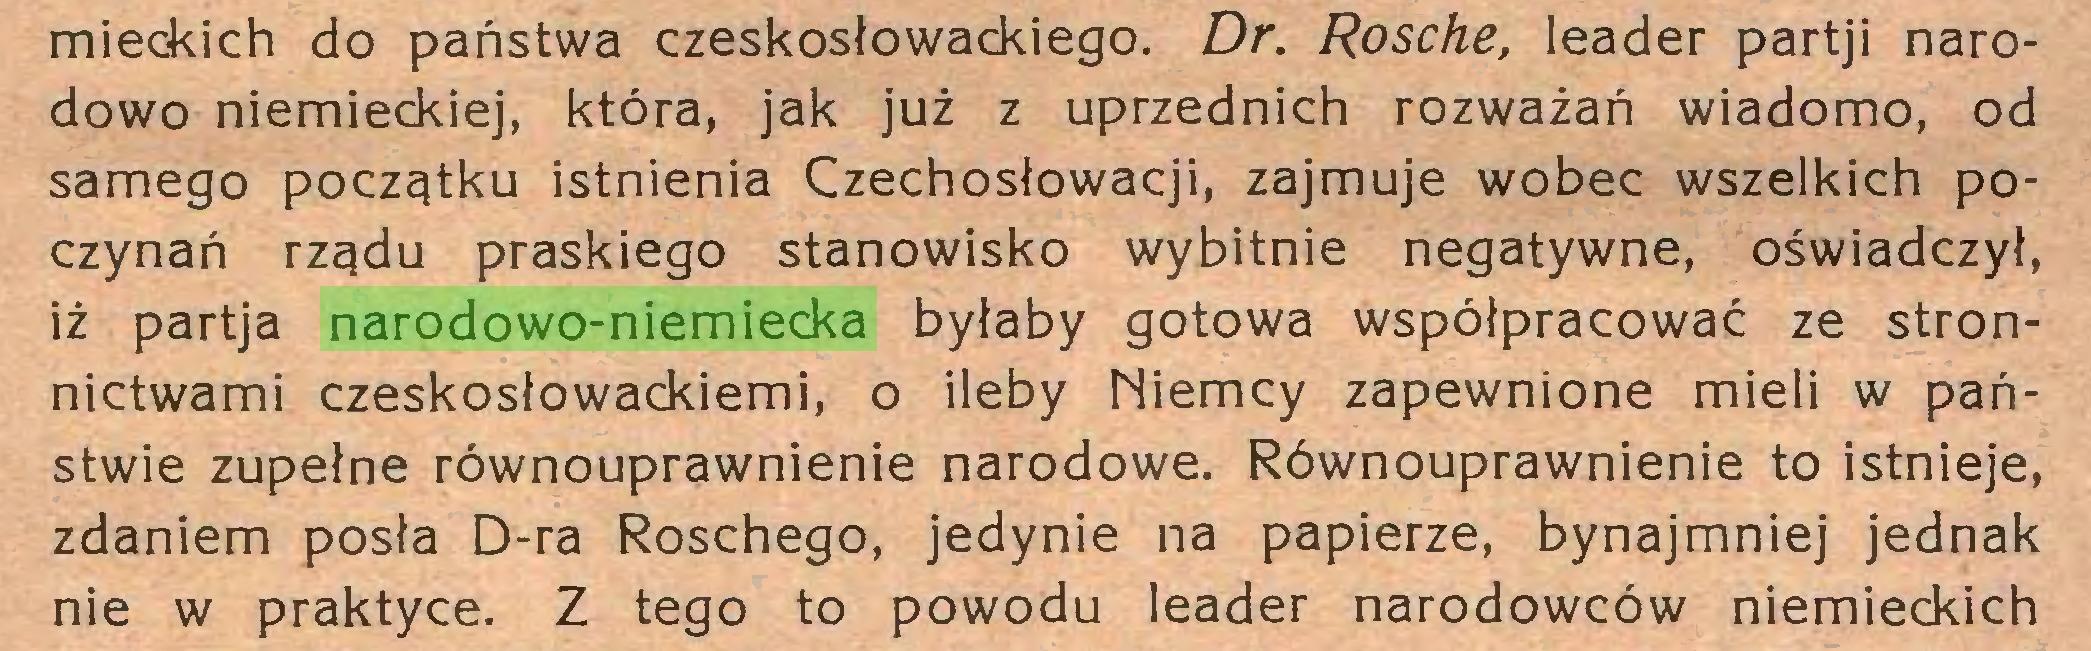 (...) mieckich do państwa czeskosłowackiego. Dr. Rosche, leader partji narodowo niemieckiej, która, jak już z uprzednich rozważań wiadomo, od samego początku istnienia Czechosłowacji, zajmuje wobec wszelkich poczynań rządu praskiego stanowisko wybitnie negatywne, oświadczył, iż partja narodowo-niemiecka byłaby gotowa współpracować ze stronnictwami czeskosłowackiemi, o ileby Niemcy zapewnione mieli w państwie zupełne równouprawnienie narodowe. Równouprawnienie to istnieje, zdaniem posła D-ra Roschego, jedynie na papierze, bynajmniej jednak nie w praktyce. Z tego to powodu leader narodowców niemieckich...